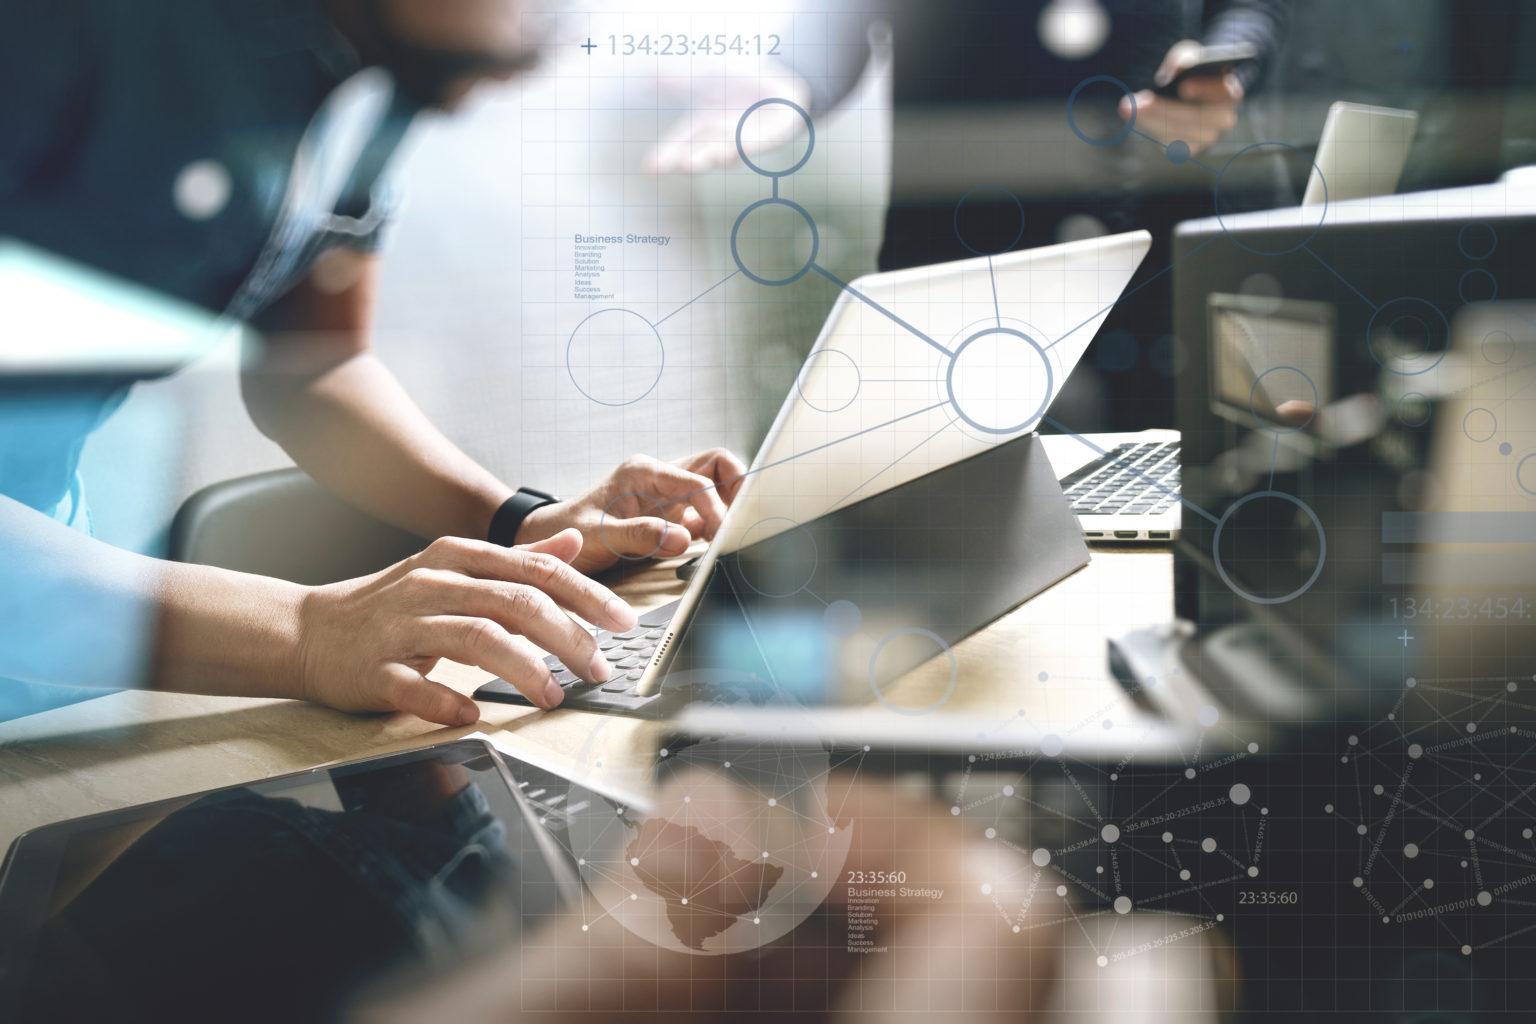 スタートアップ プログラミング チーム。ウェブサイト デザイナー作業デジタル ドックのキーボードとコンピューターのノート パソコンとスマート フォンをタブレットし、コンパクト ライト効果のマーブル机の上のサーバー